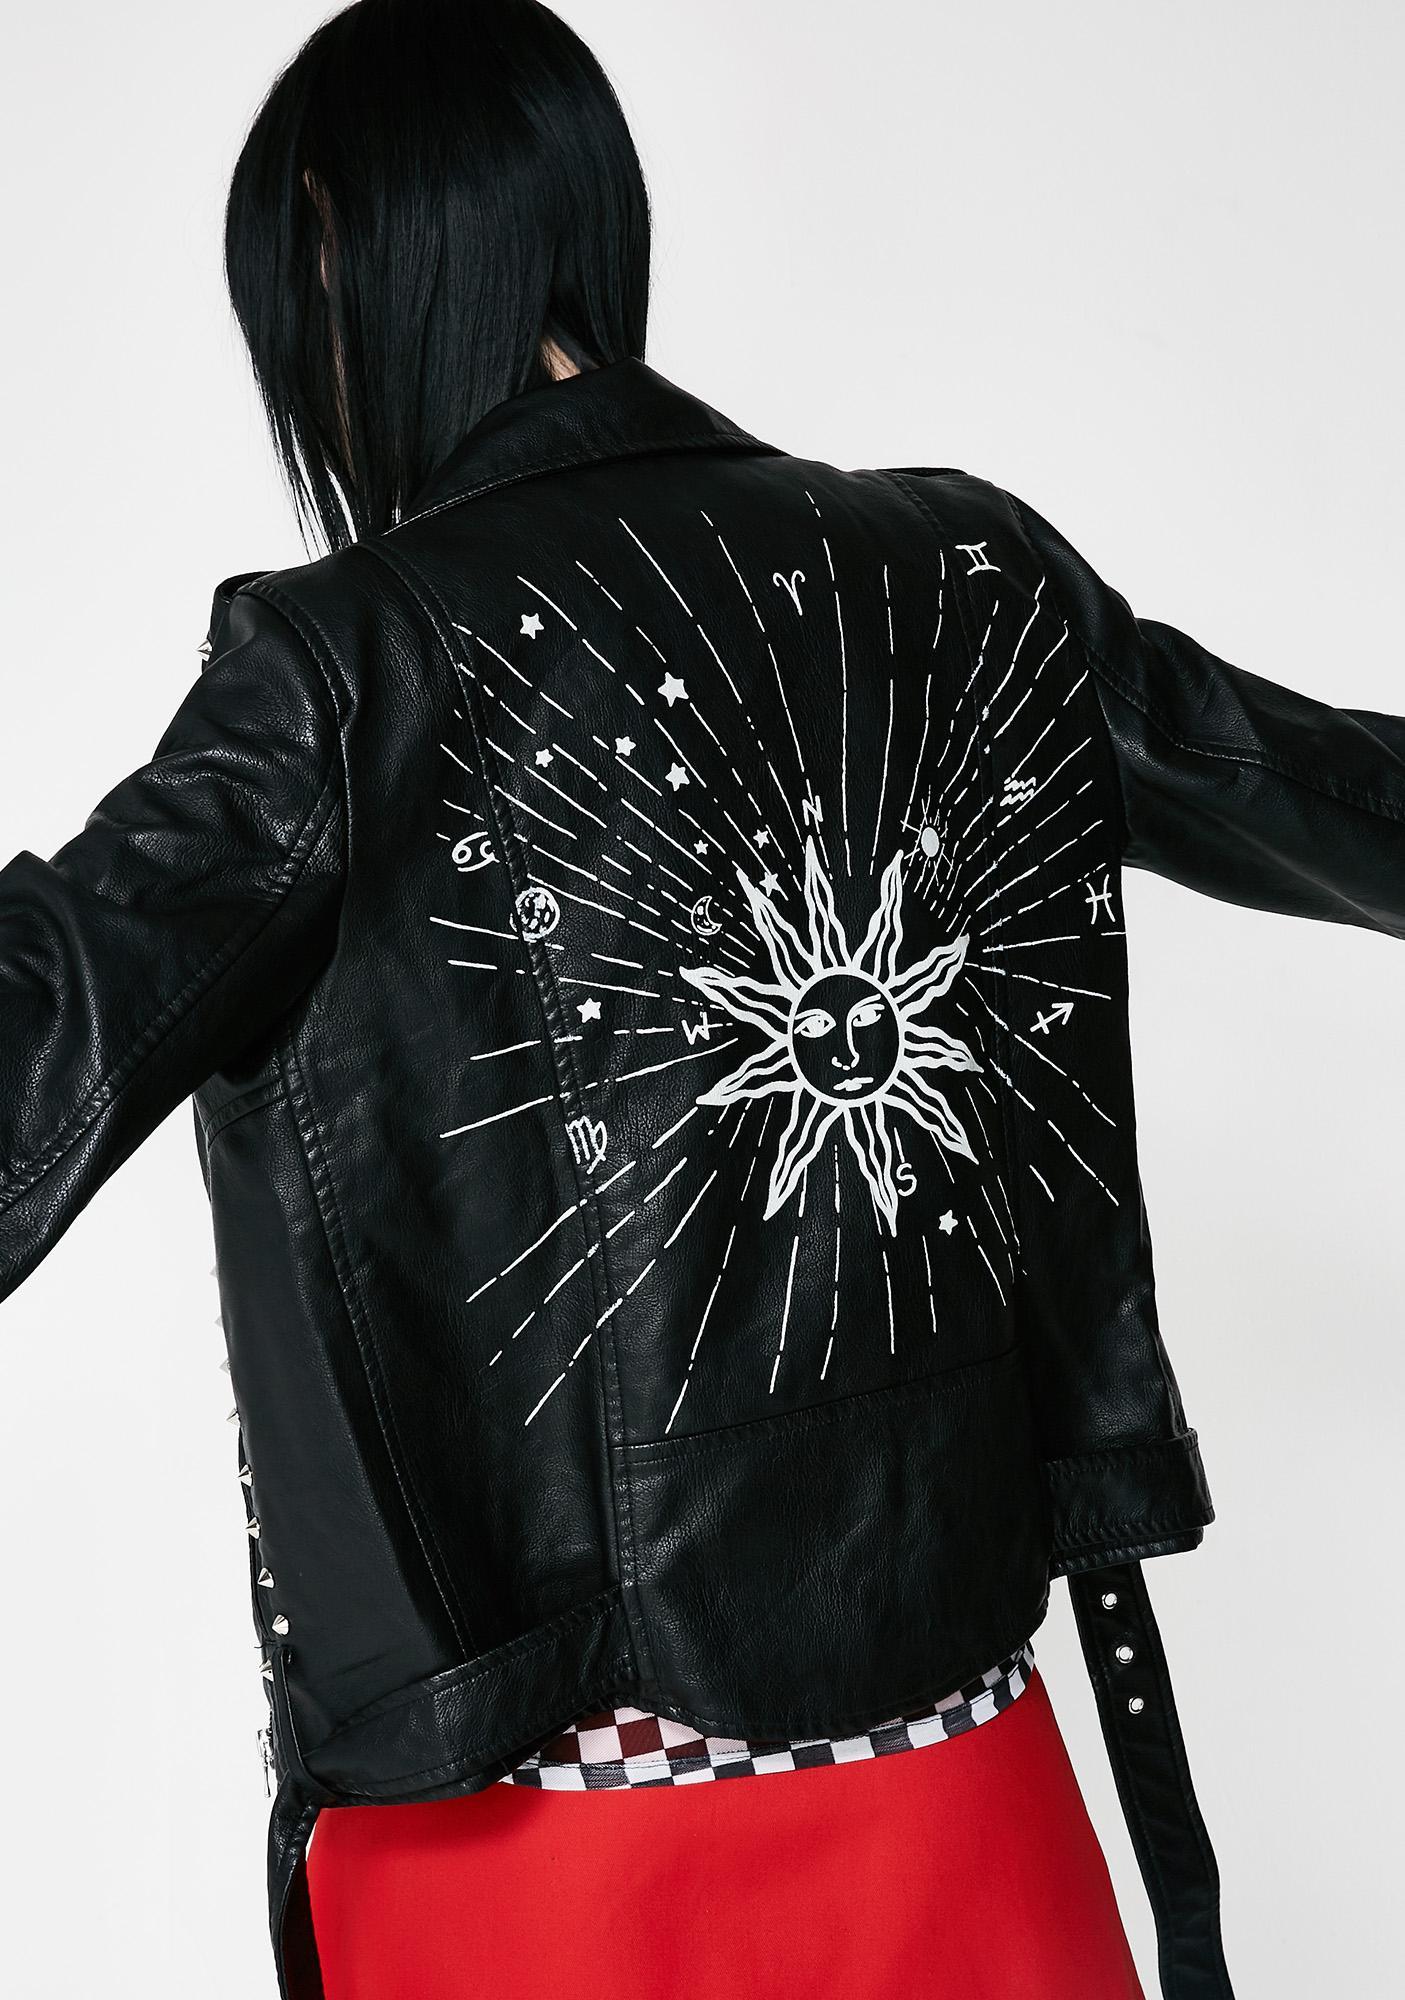 Whatz Ur Sign Moto Jacket